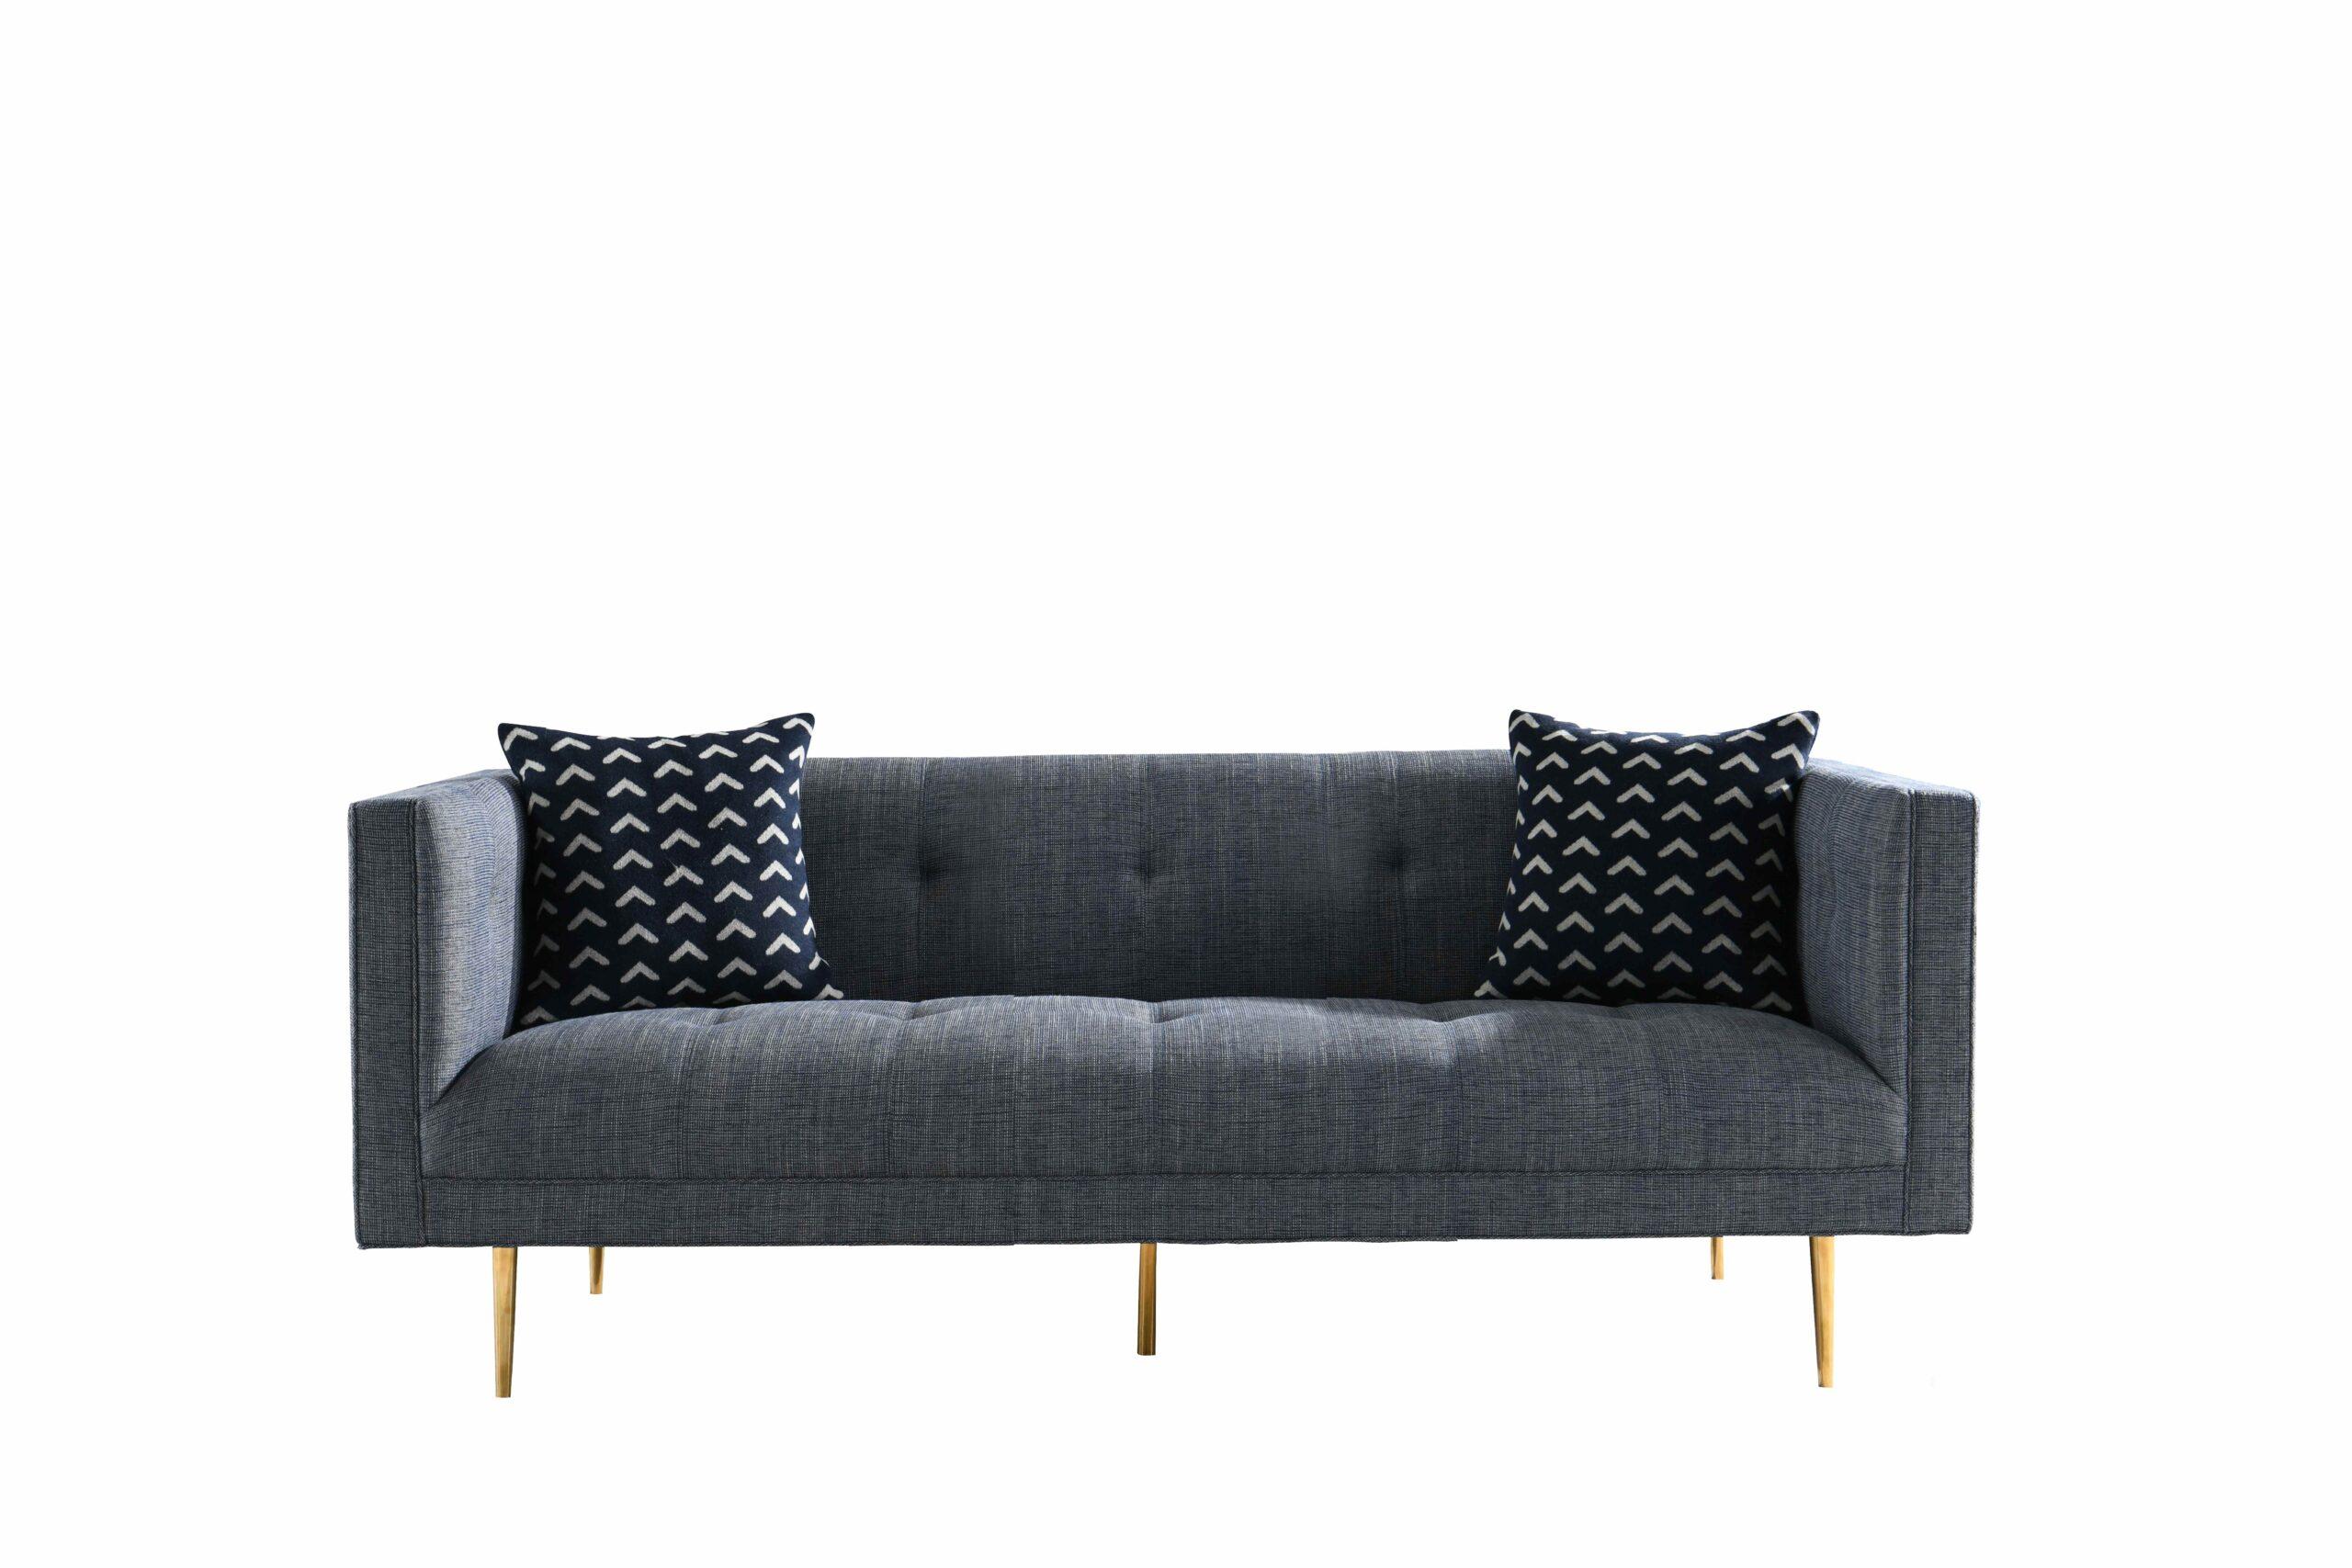 Full Size of Graues Stoff Sofa 3er Grau Ikea Couch Reinigen Gebraucht Grauer Meliert Chesterfield Grober Schlaffunktion Sofas Kaufen Big Bezug Beine Edelstahl Goldfarbig Sofa Sofa Stoff Grau